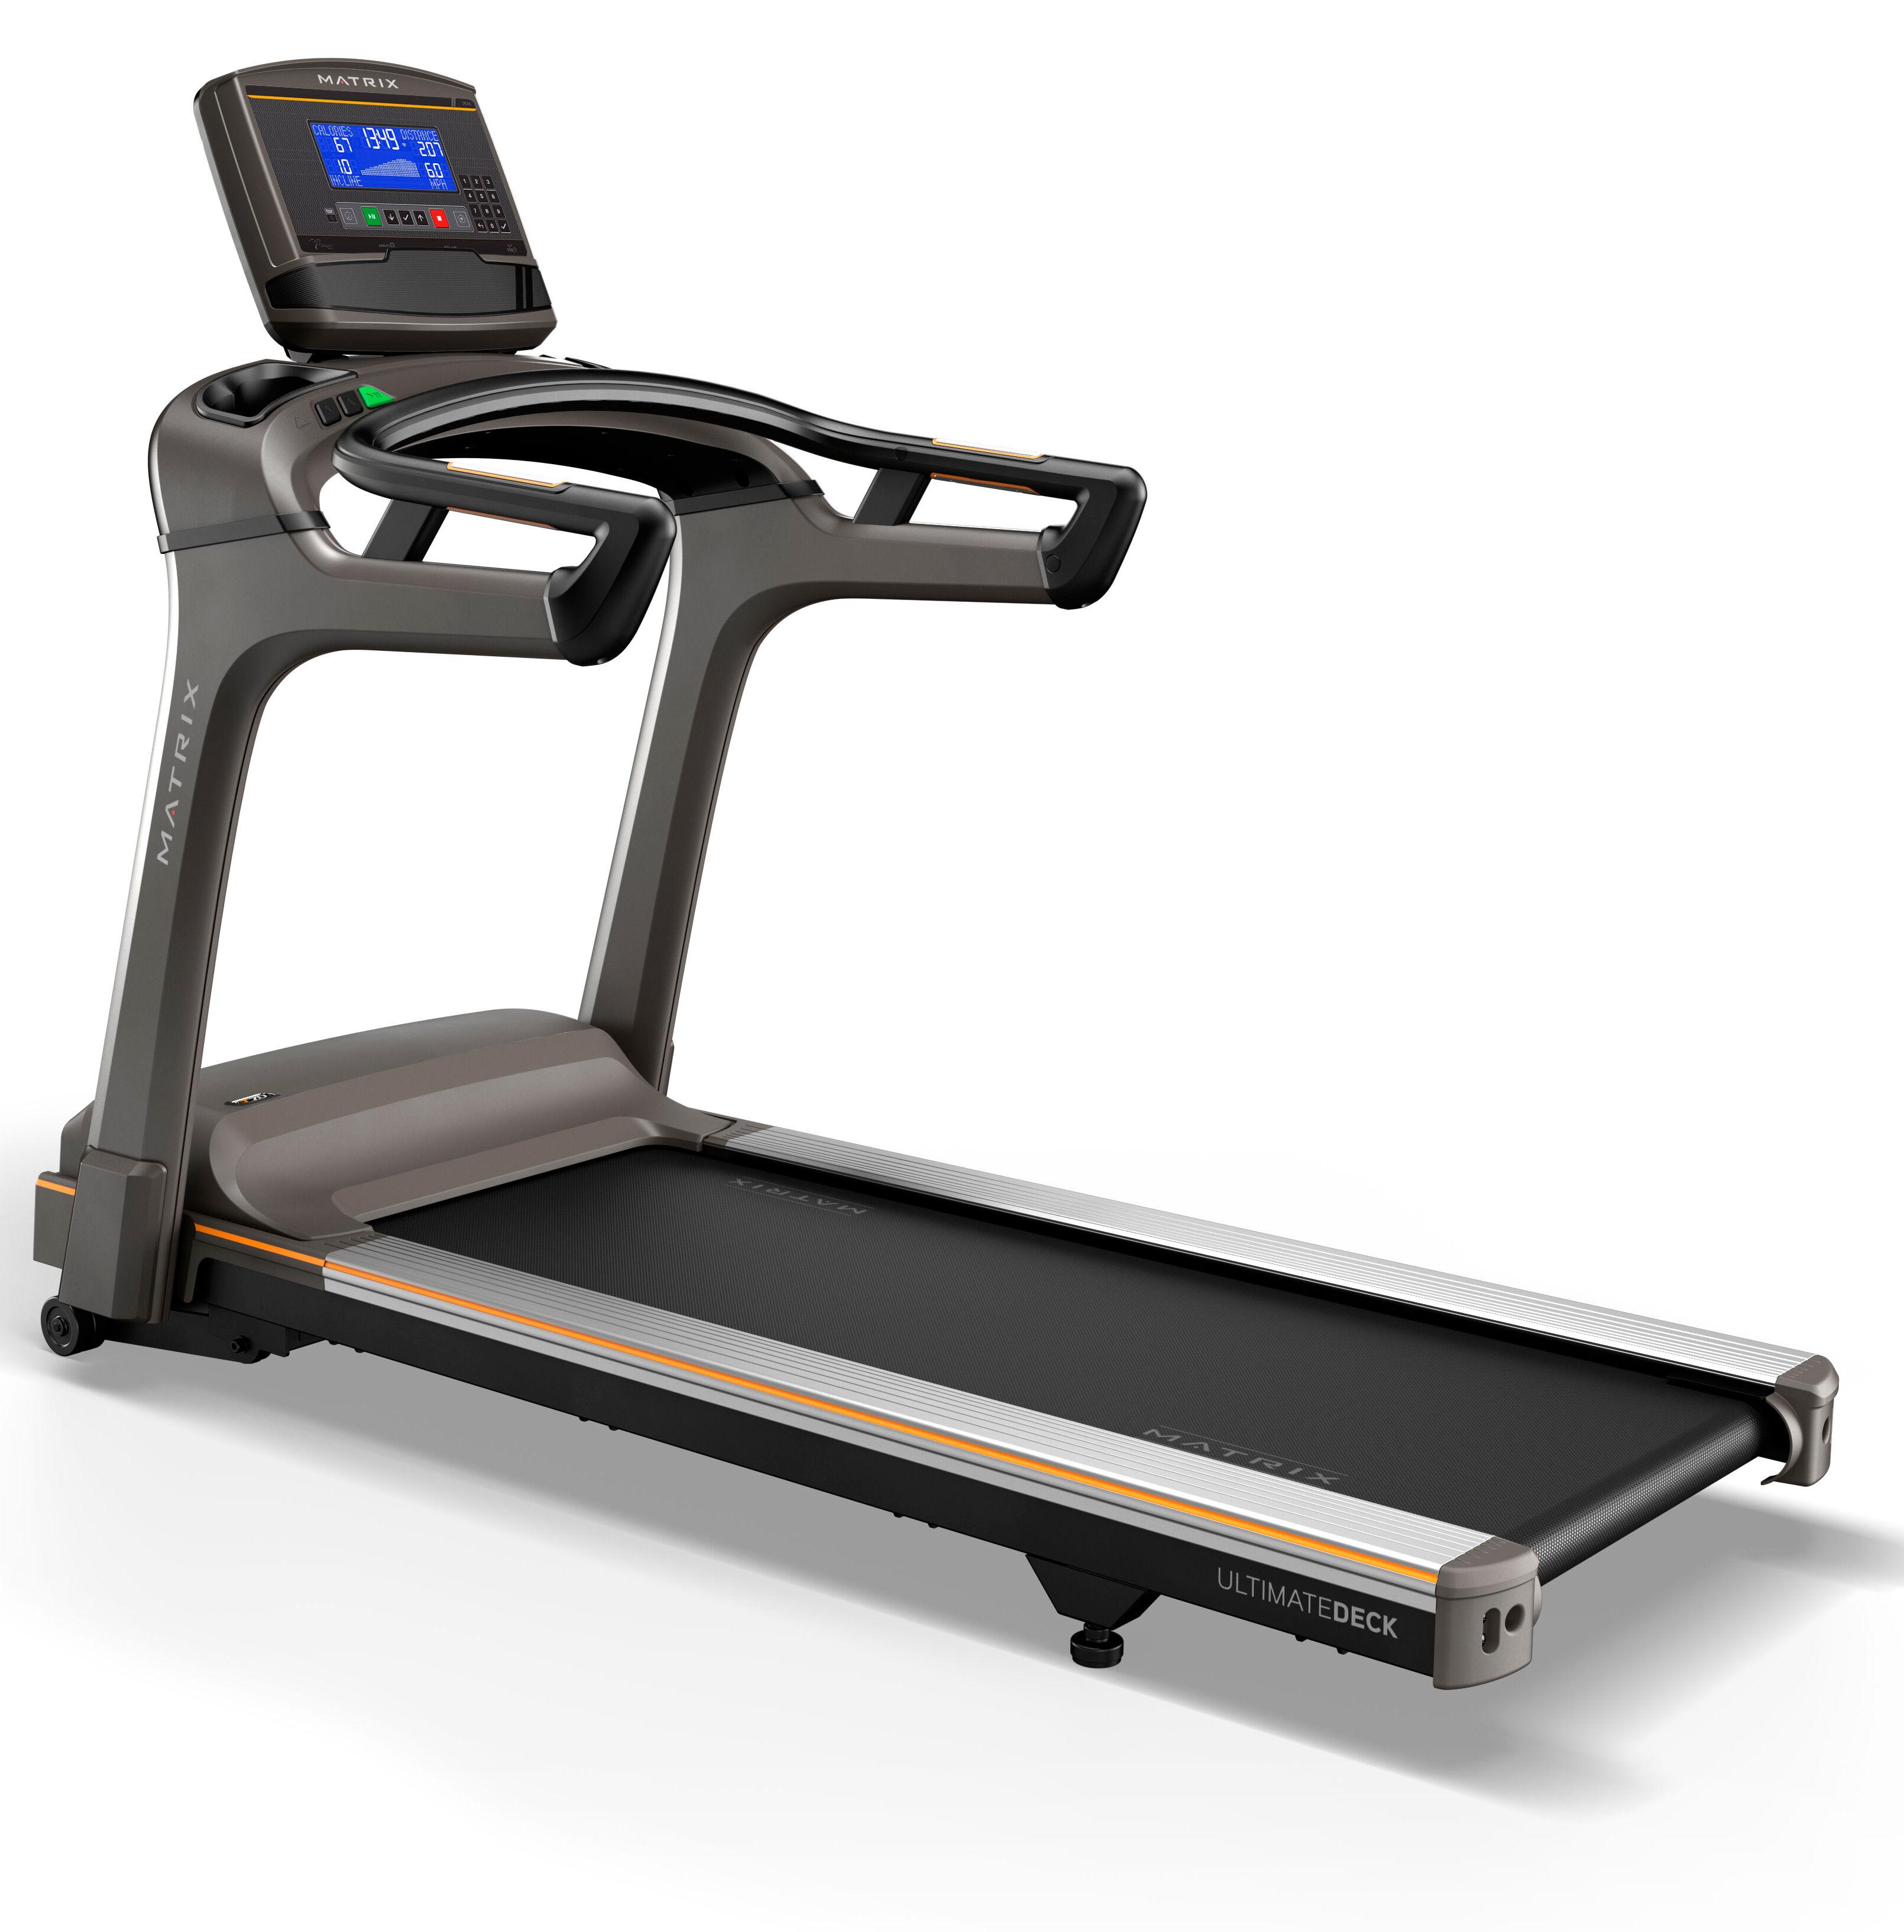 Cinta de correr Matrix Treadmill TF50: Experimenta un entreno natural con una superficie de carrera más larga